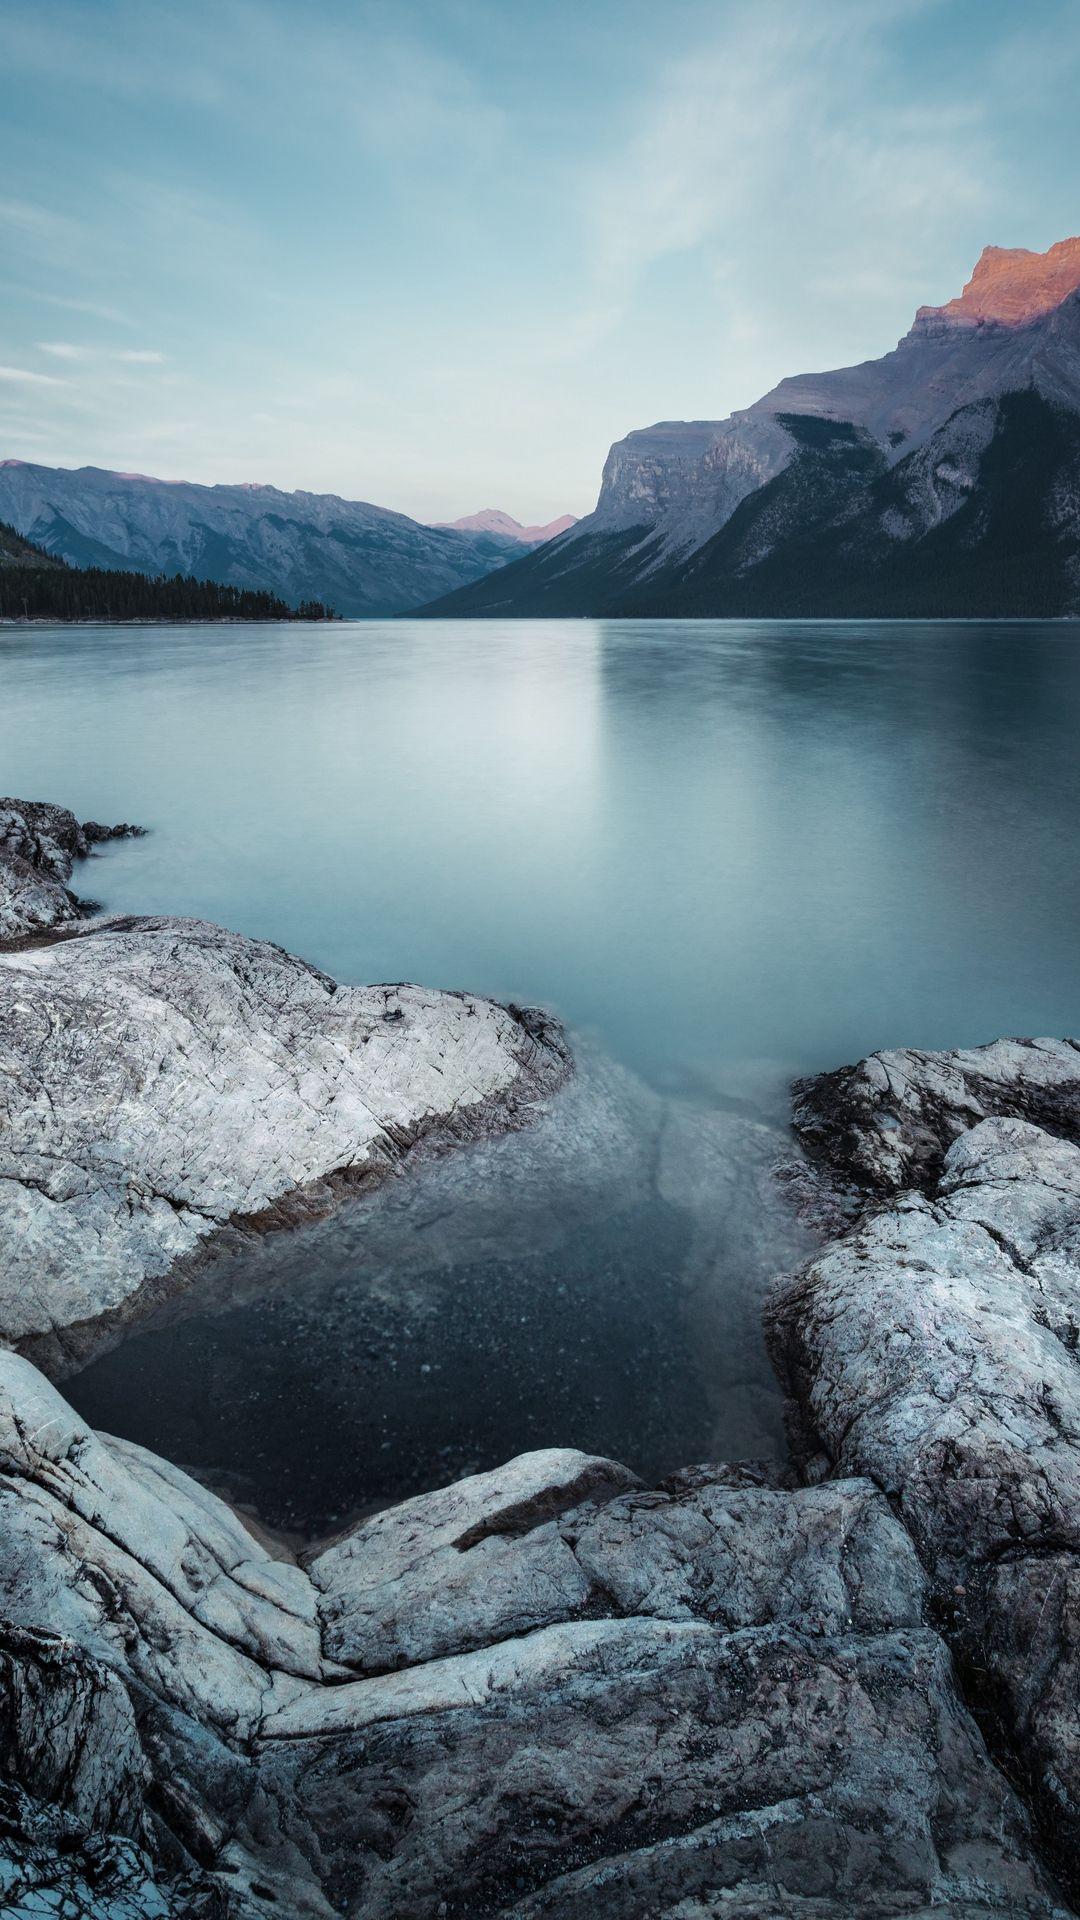 Mountain Lake Winter